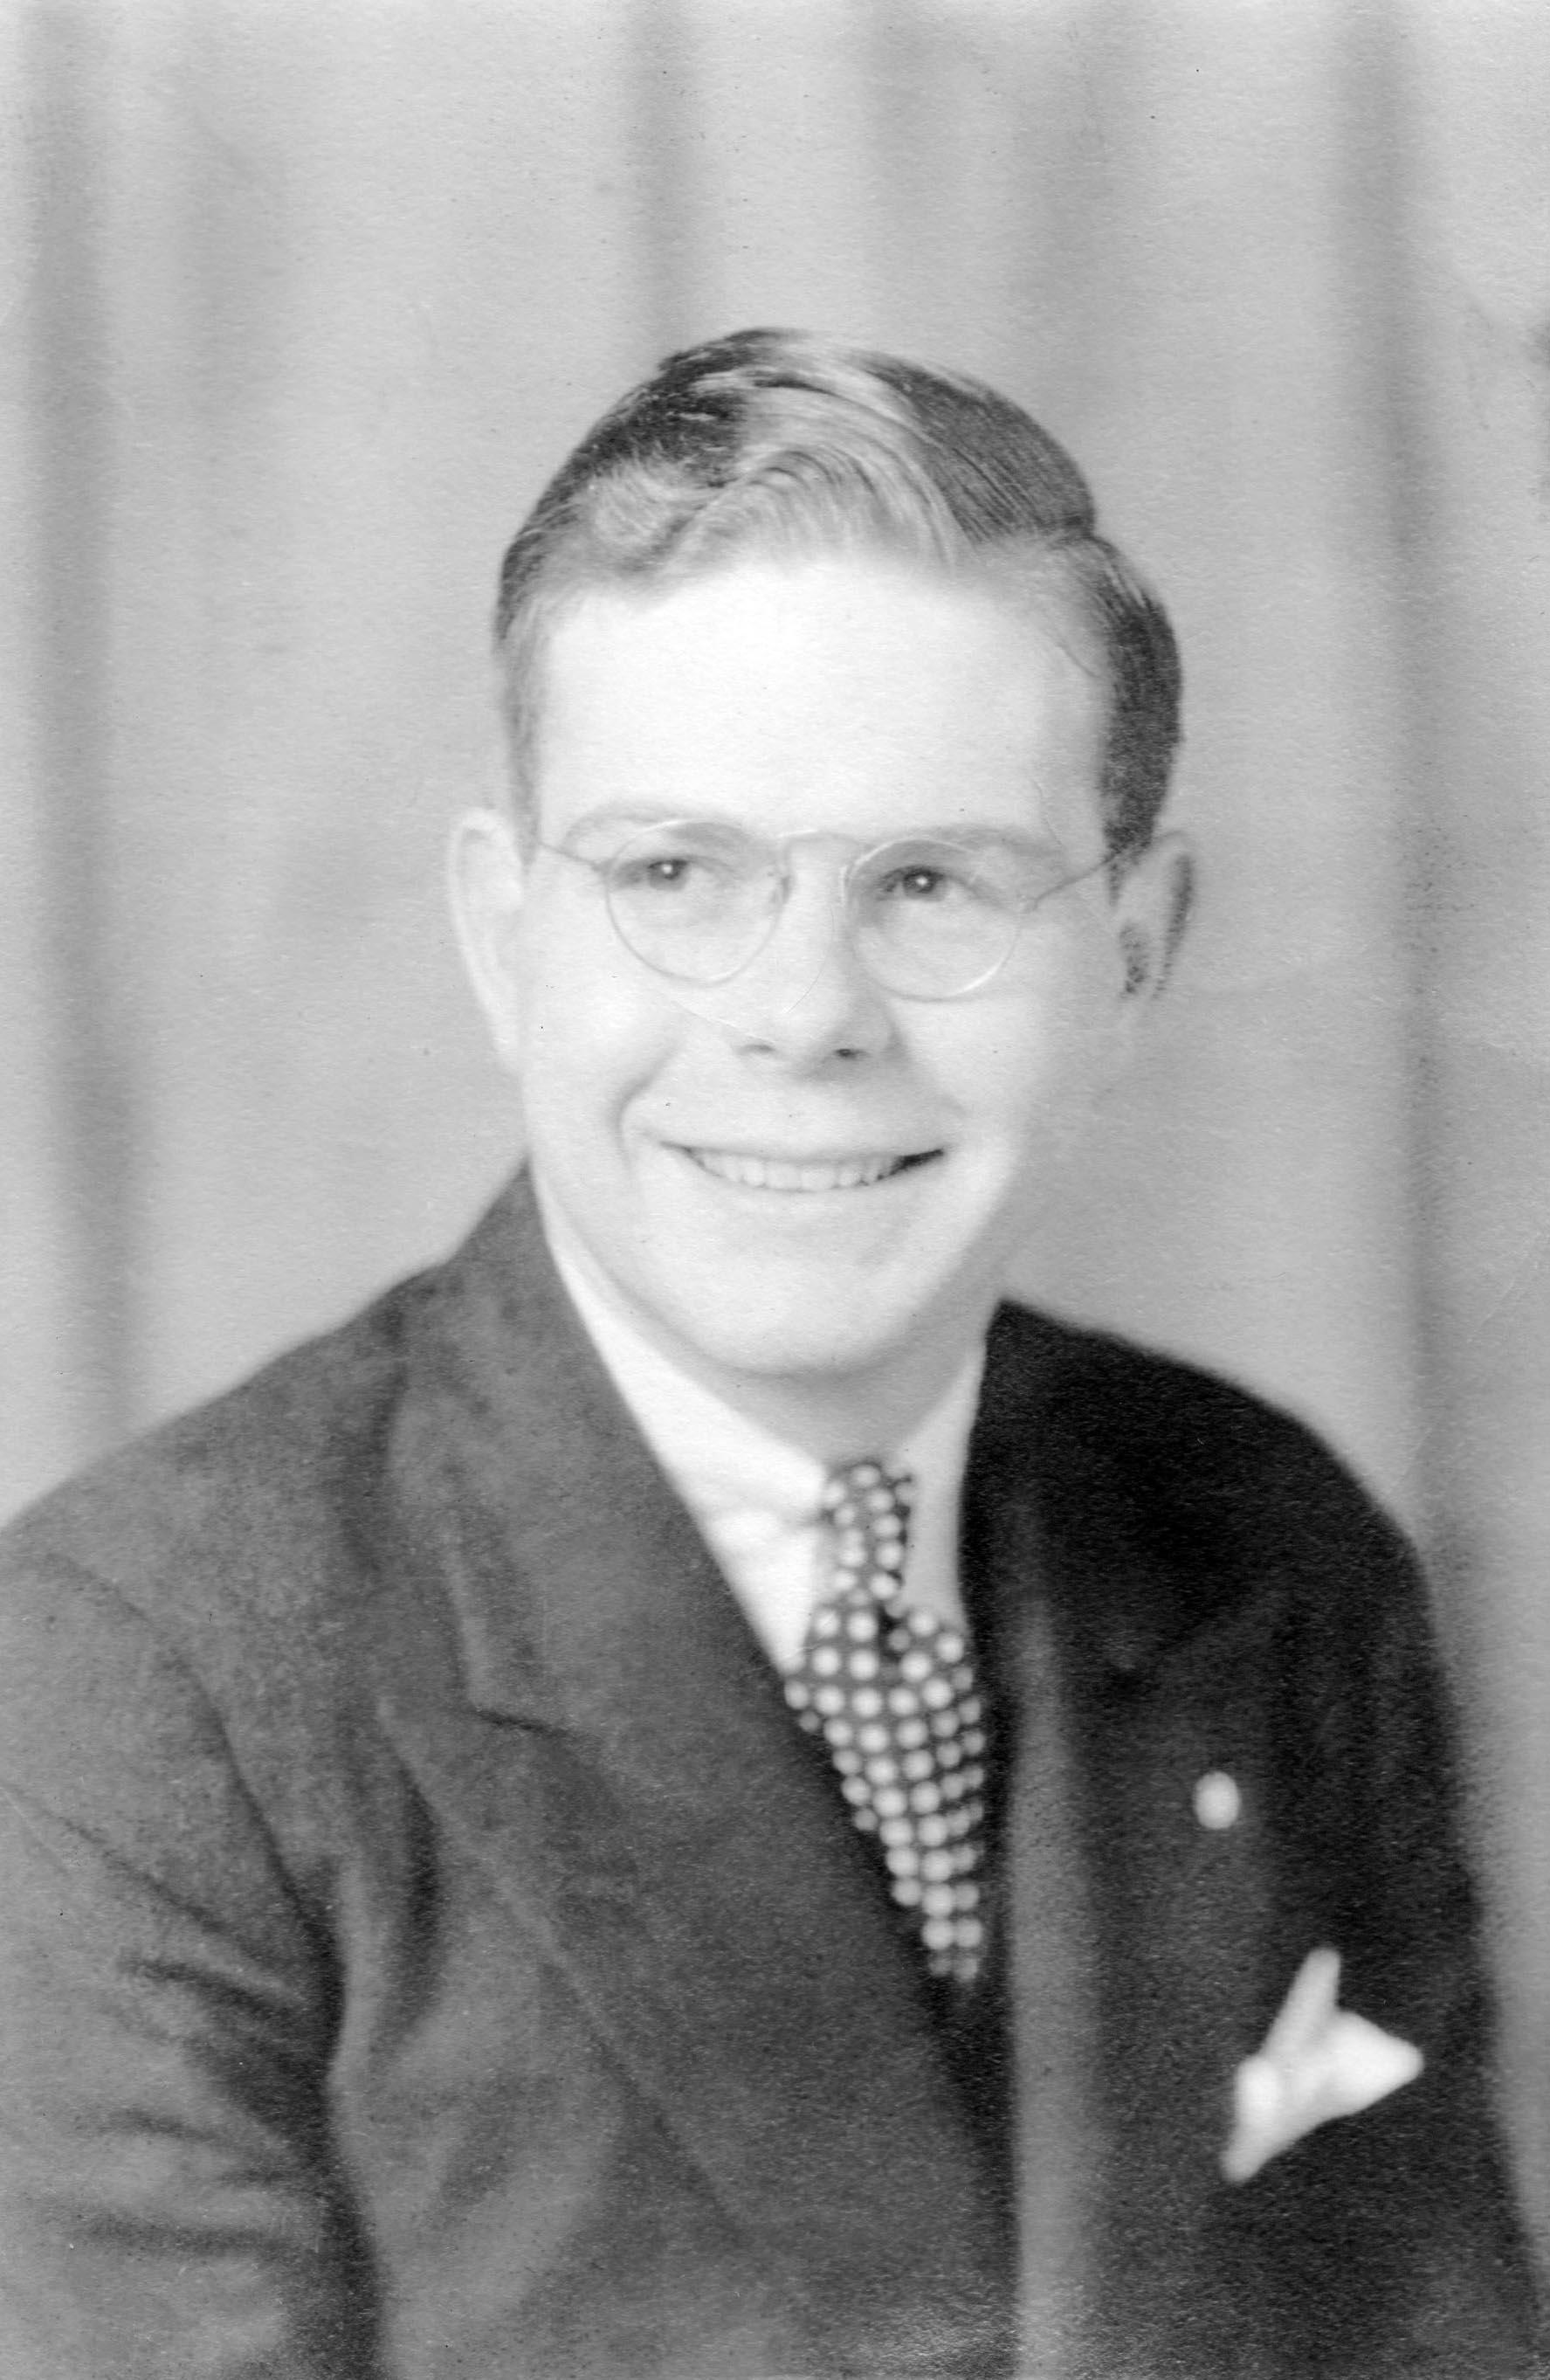 Richard F. Maize 1937